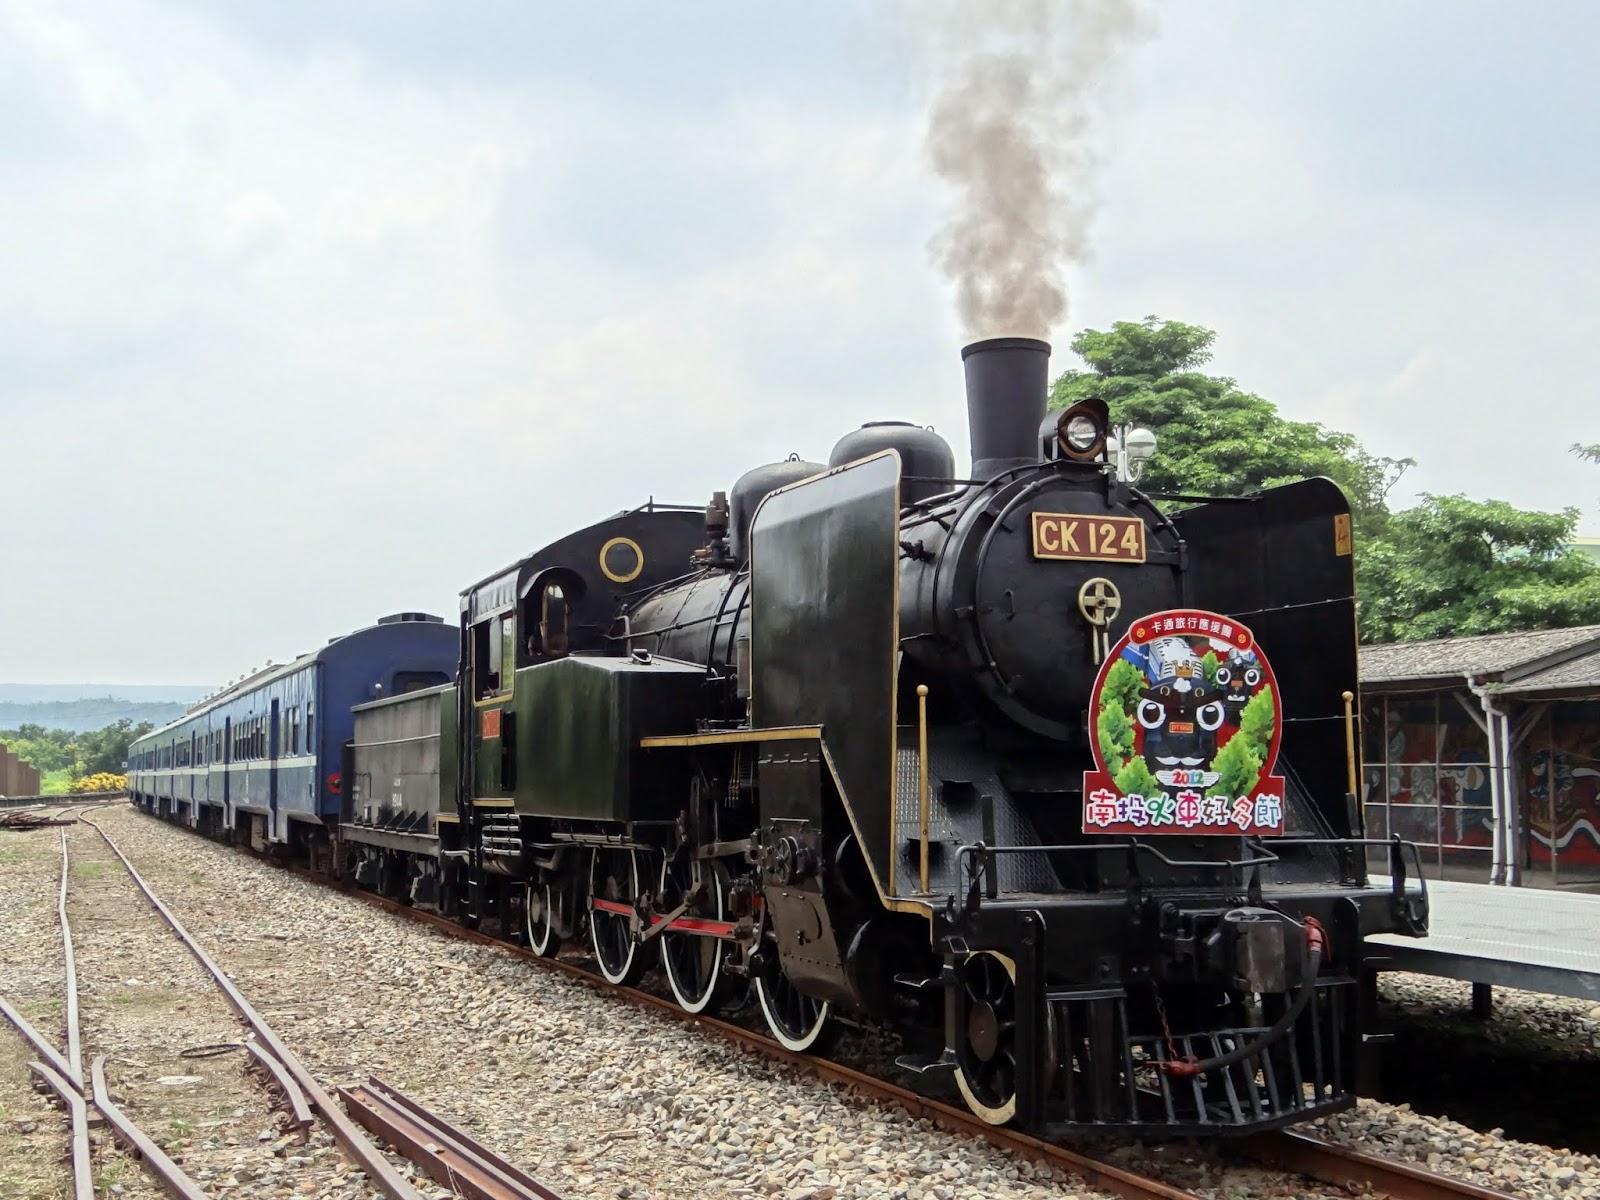 Blair's 鐵道攝影: 臺鐵現存蒸汽機車